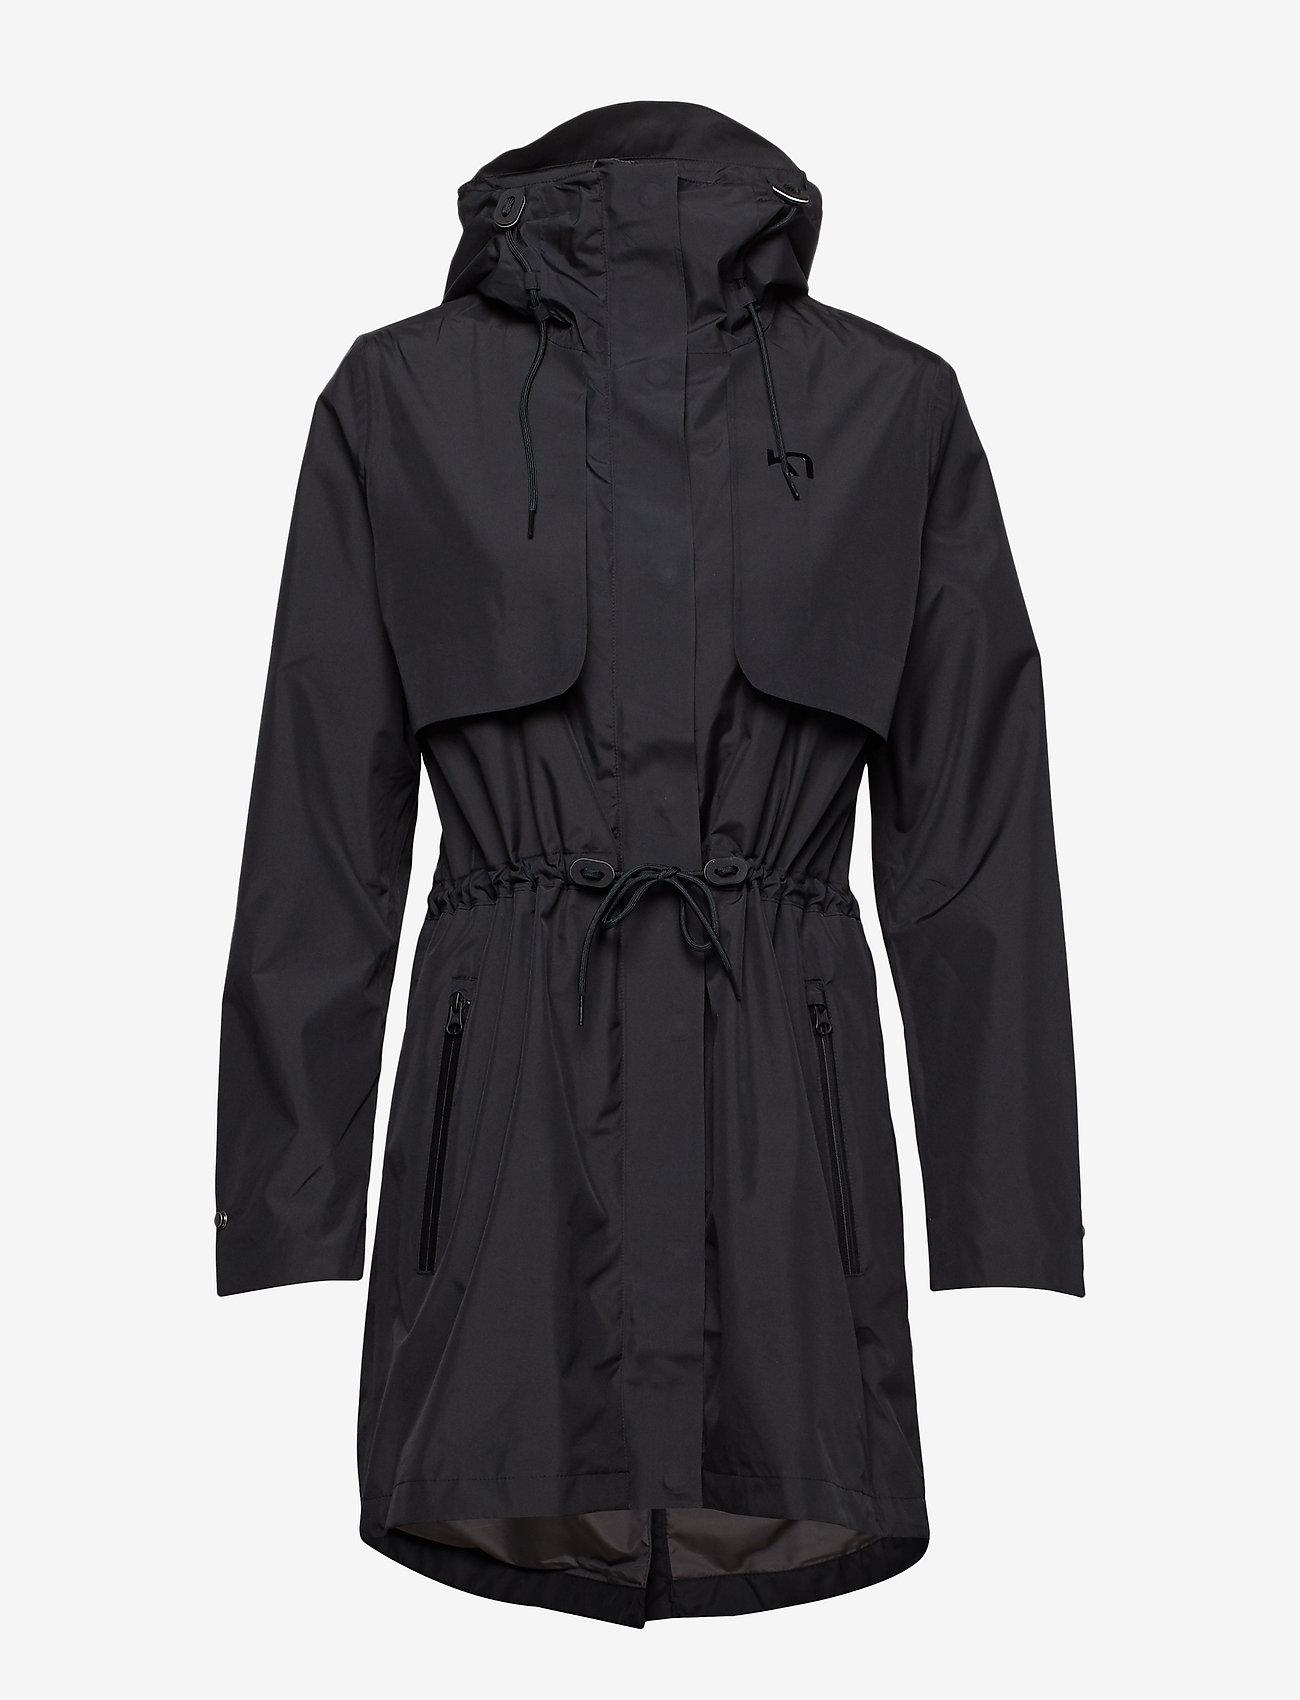 Gjerald L Jacket (Black) - Kari Traa KZdDNz